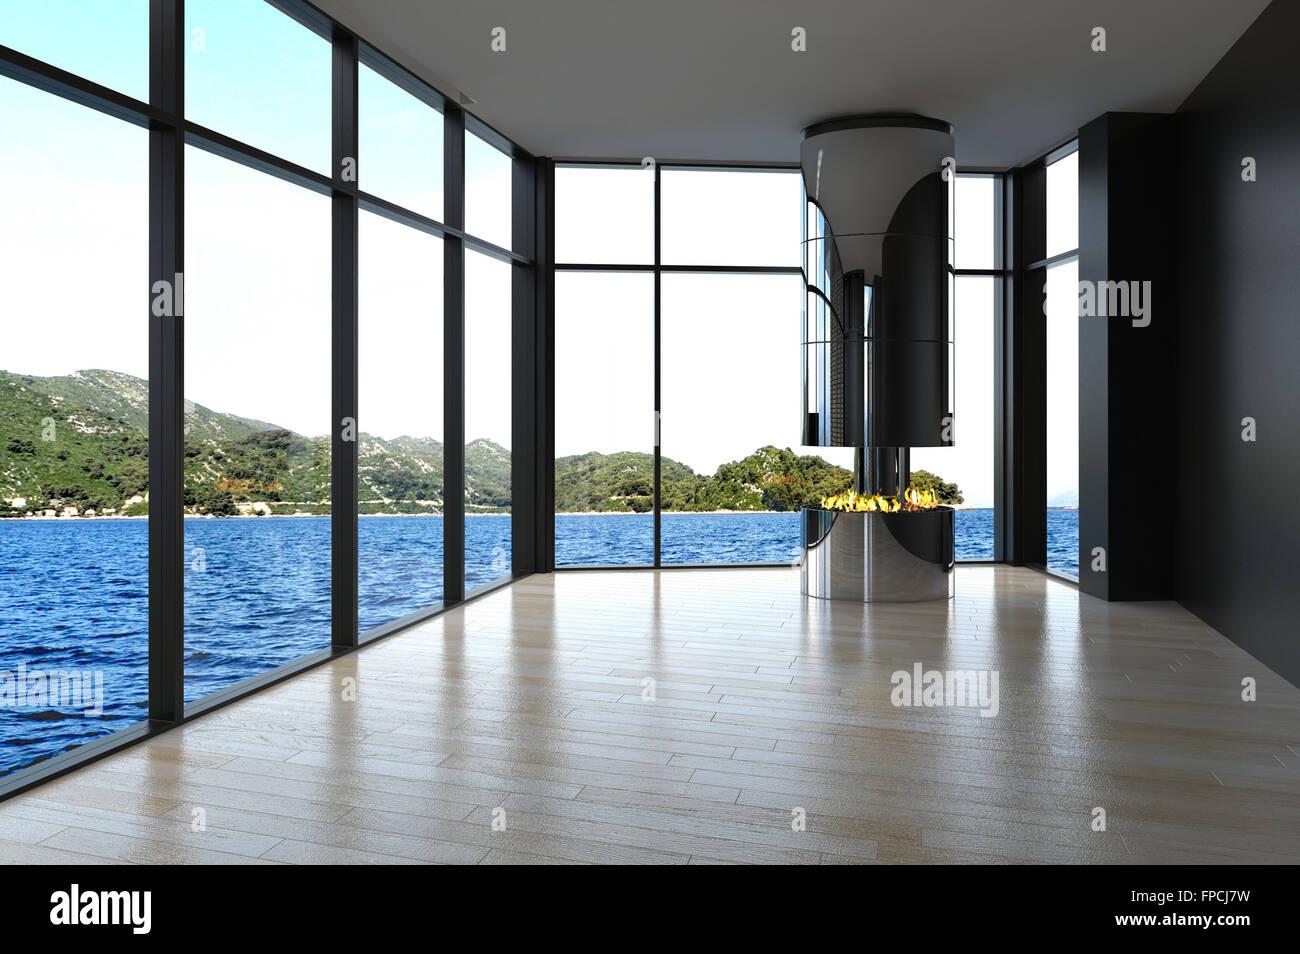 Moderne Fußboden Wohnzimmer ~ Moderne unmöbliert wohnzimmer mit fußboden zudecke fenster an zwei